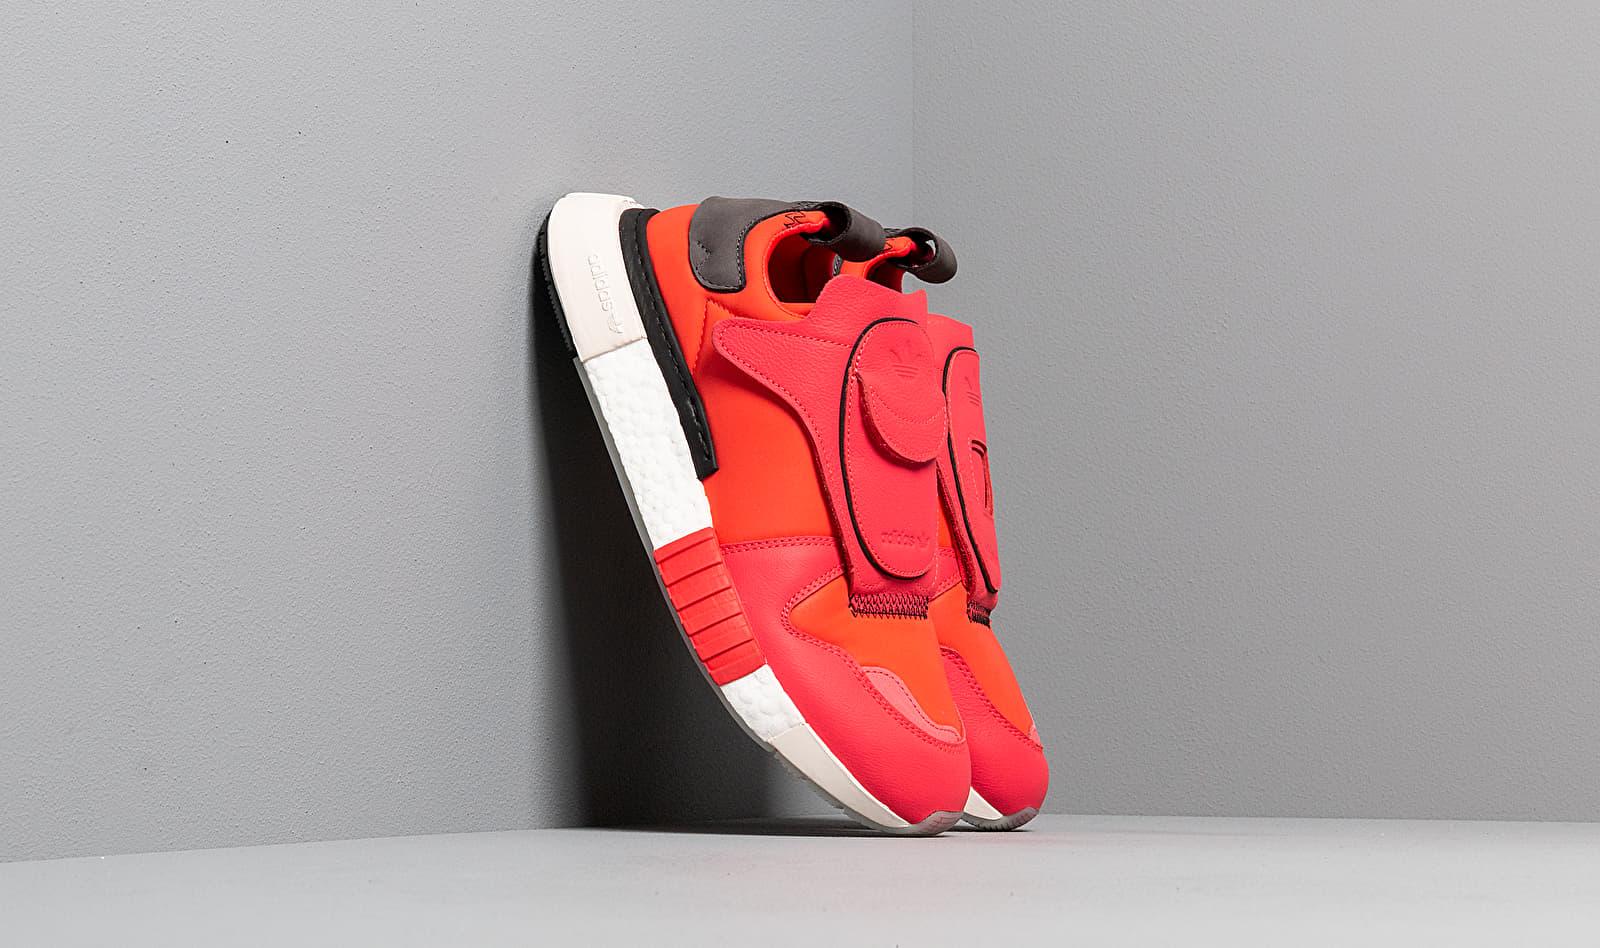 adidas Futurepacer Shock Red/ Shock Red/ Shock Red BD7923